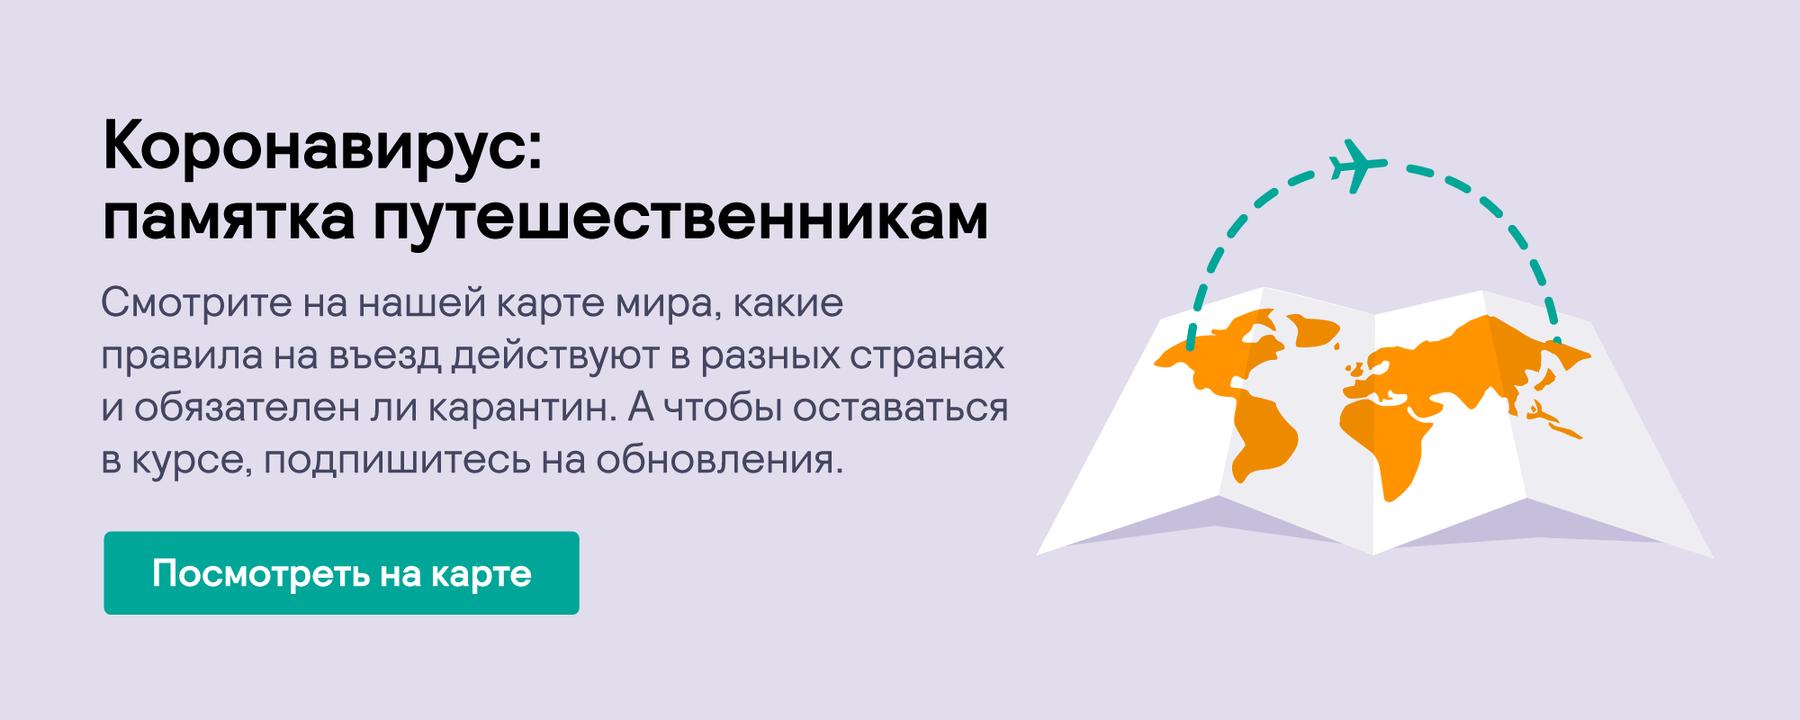 Интерактивная карта открытия границ на Скайсканере